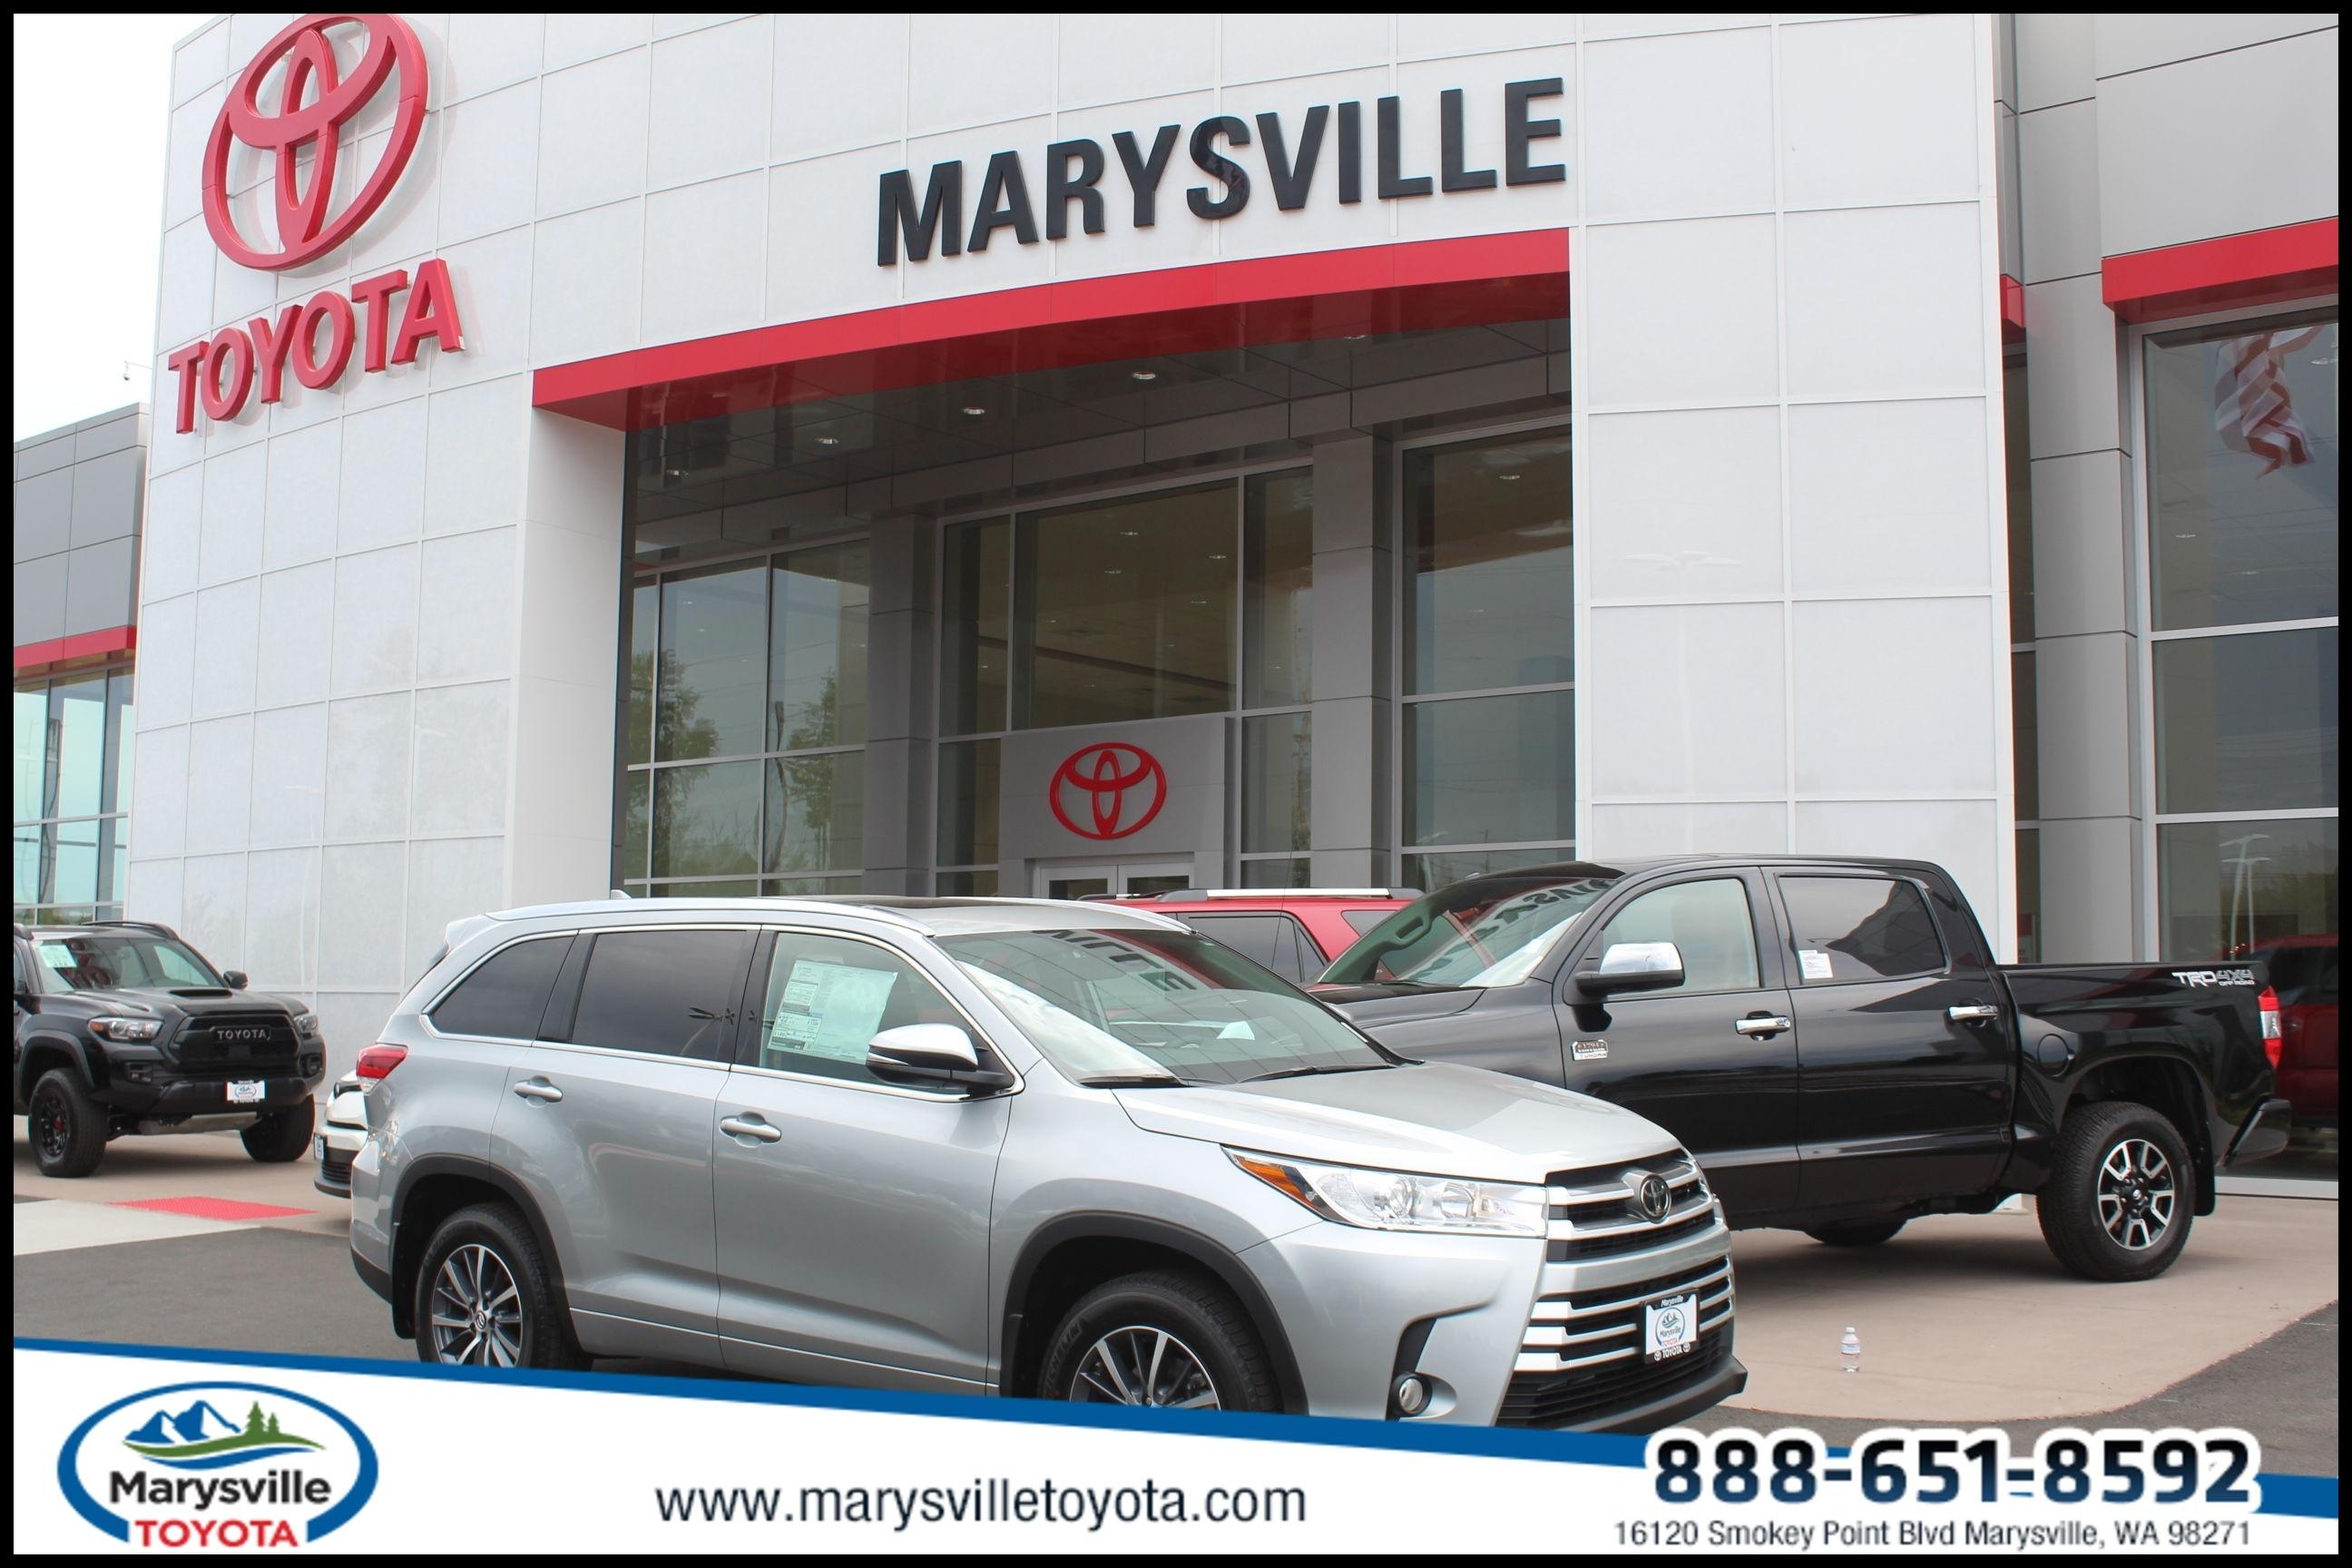 2018 Toyota Highlander for Sale in Marysville WA Marysville Toyota 2018 Toyota Highlander for Sale in Marysville WA Marysville Toyota